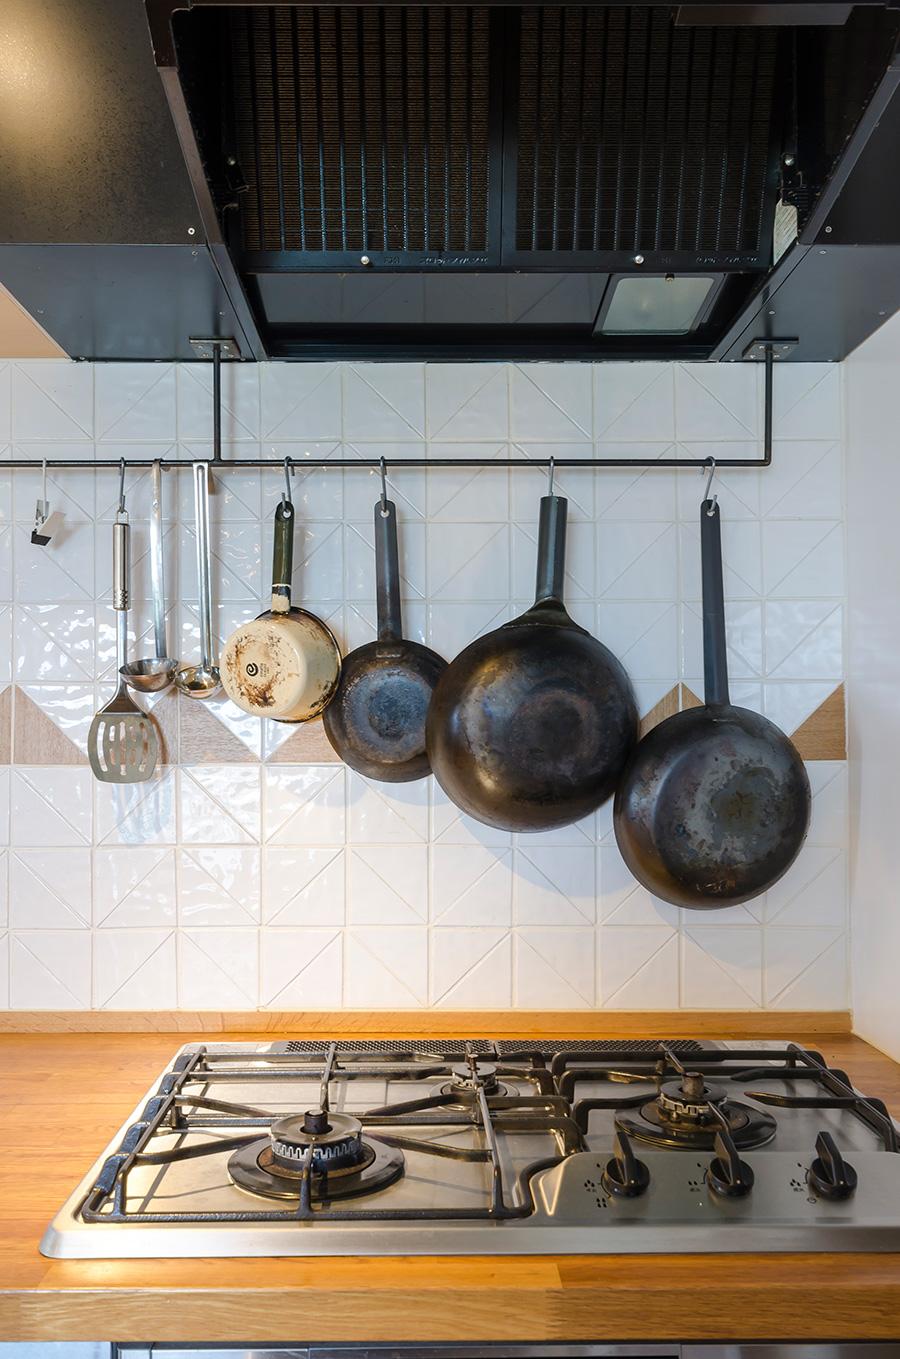 愛用のフライパンや鍋は、パイプに吊り下げて使いやすく。